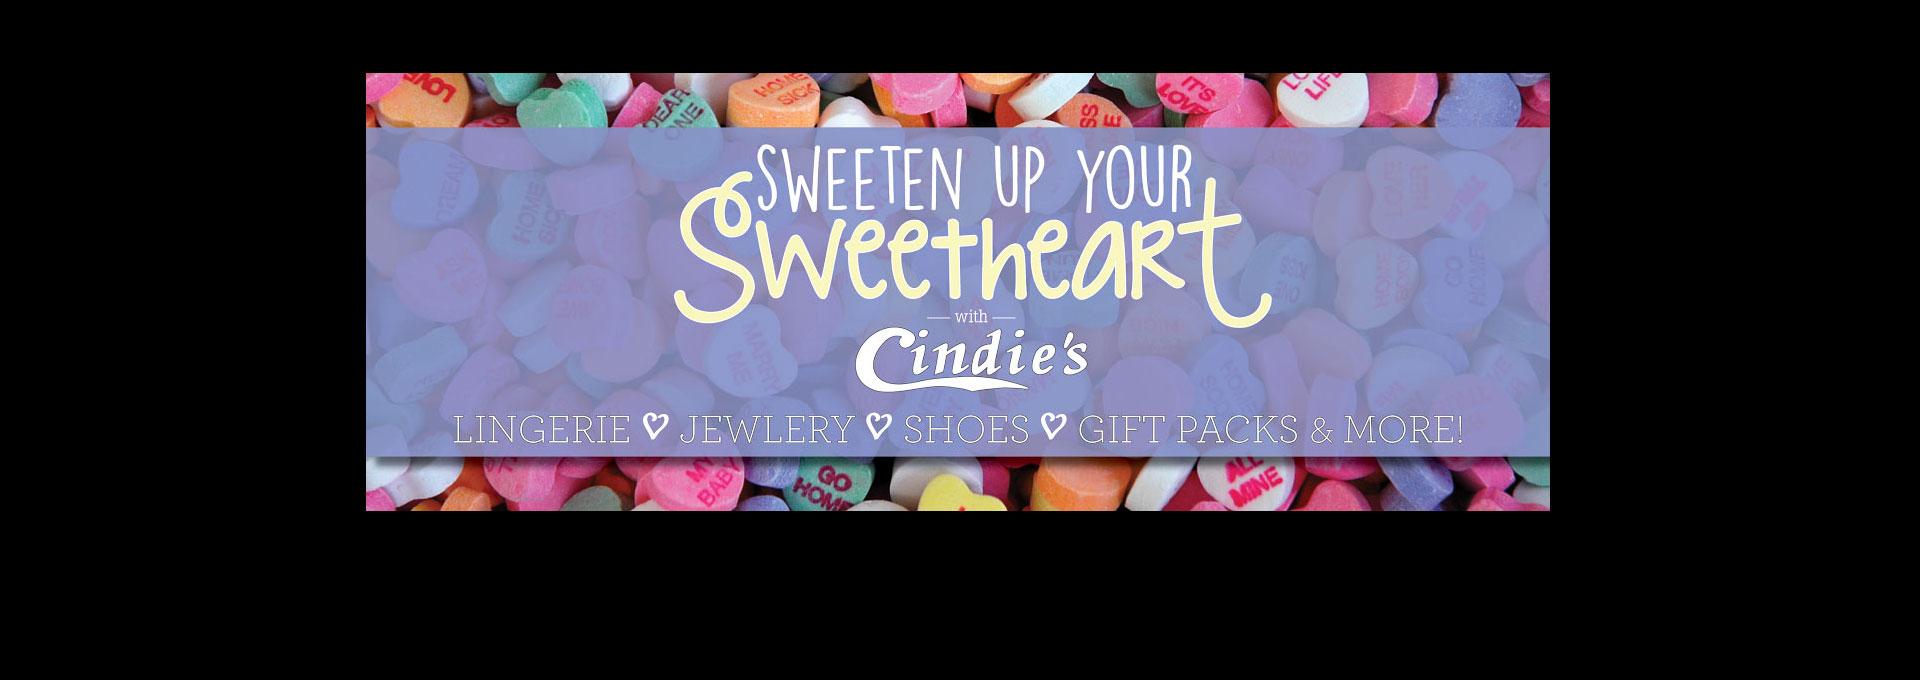 Sweeten Up Your Sweetheart